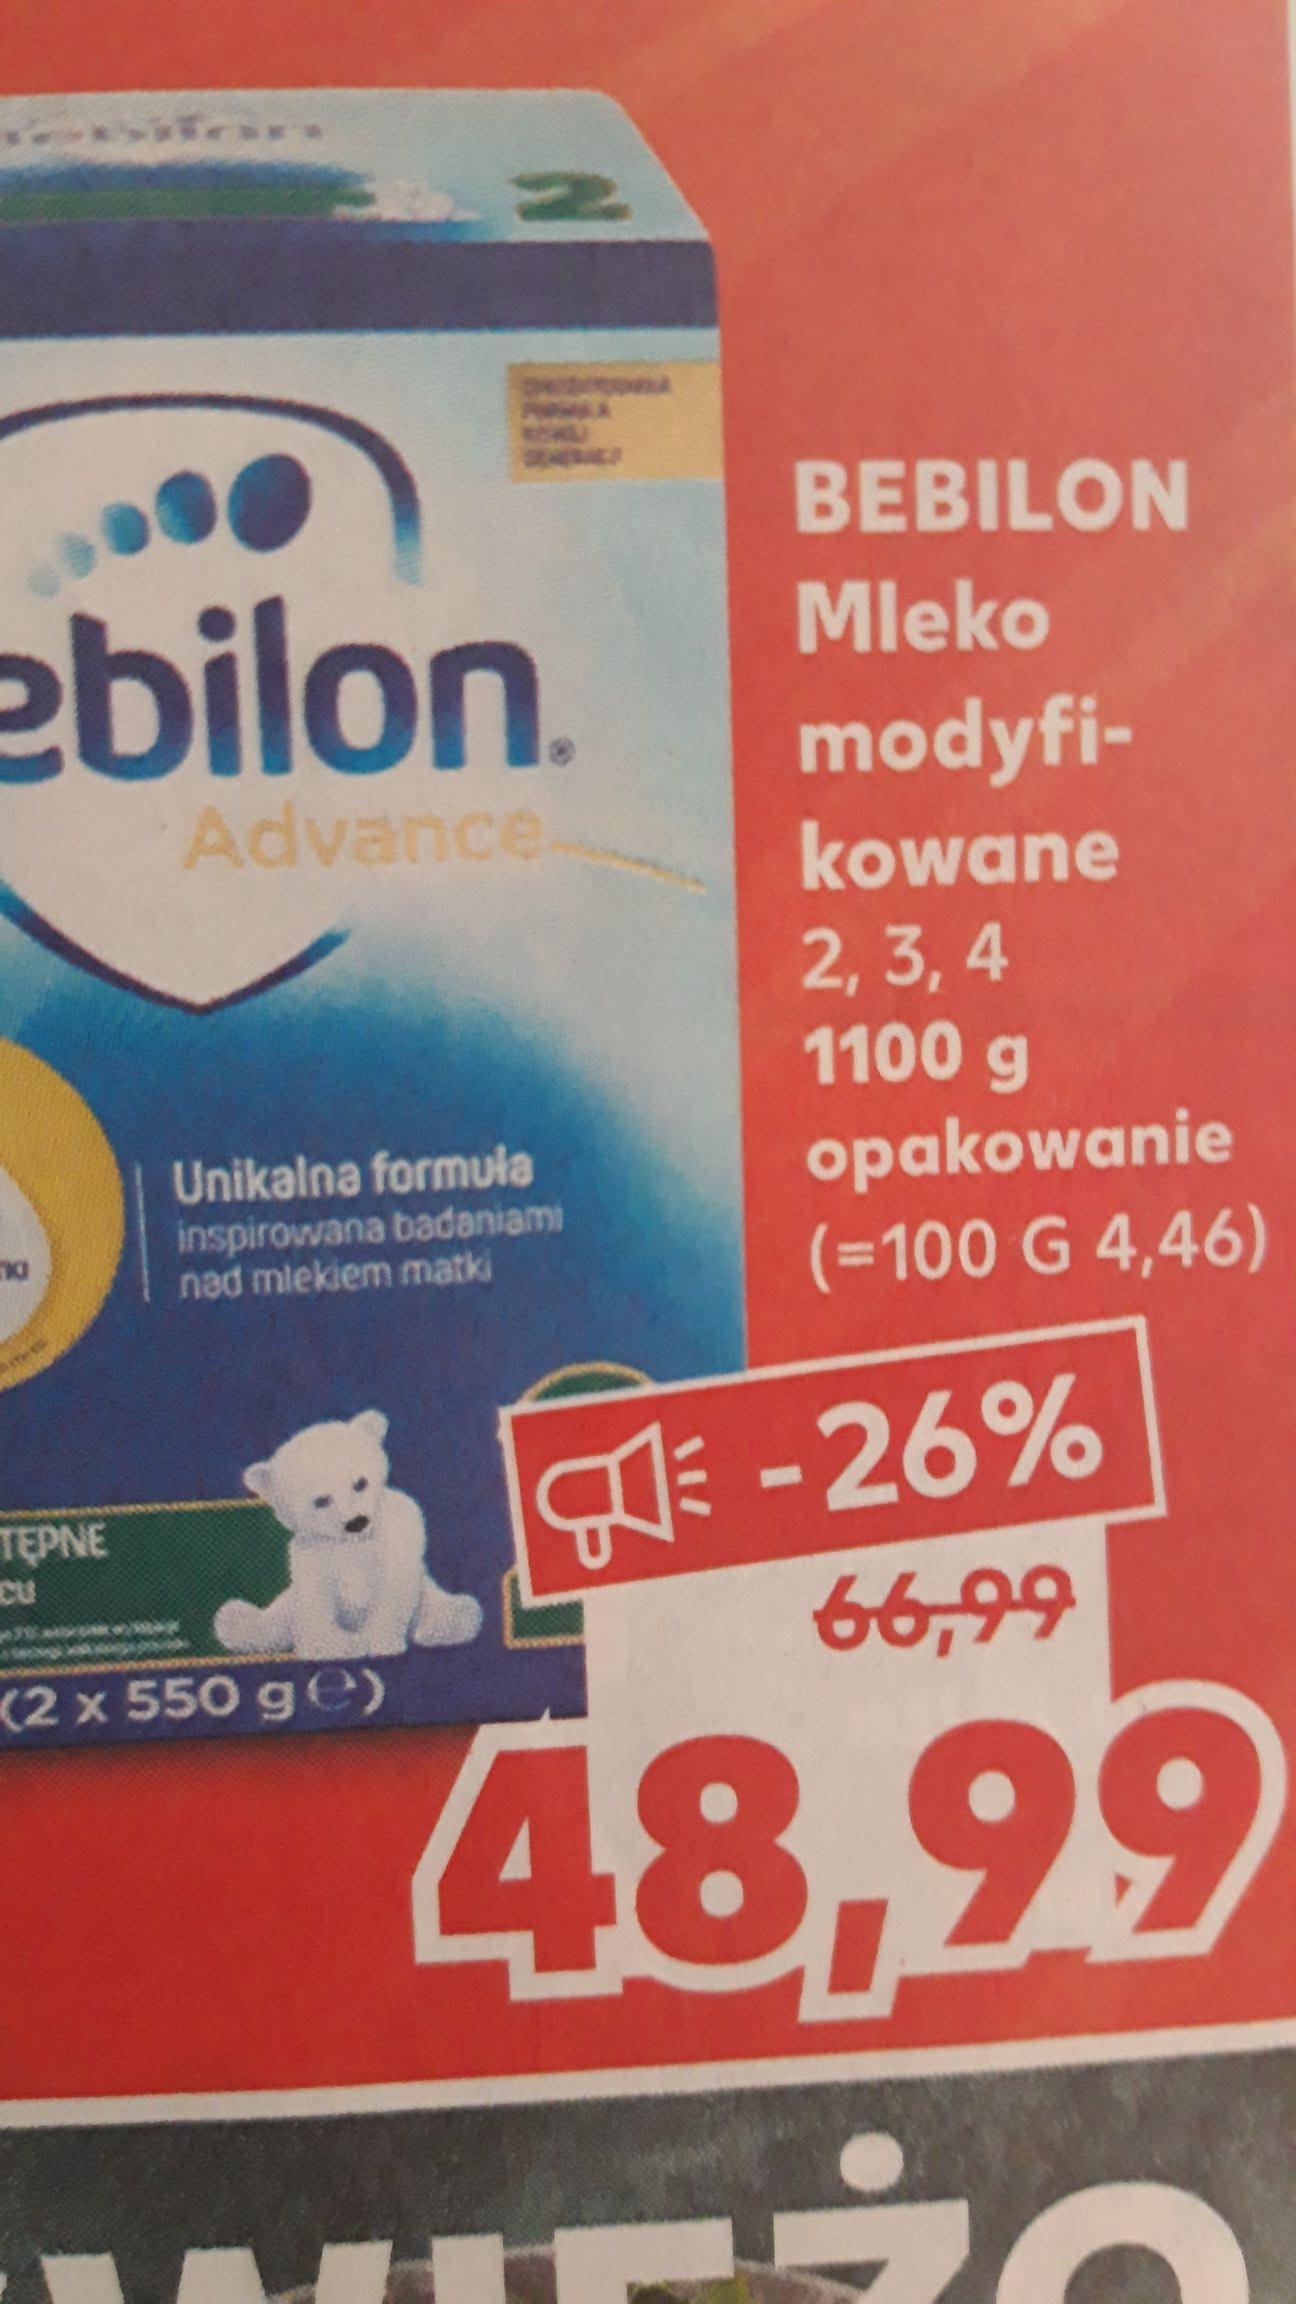 Kaufland Bebilon Mleko Modyfikowane 2,3,4 1100g